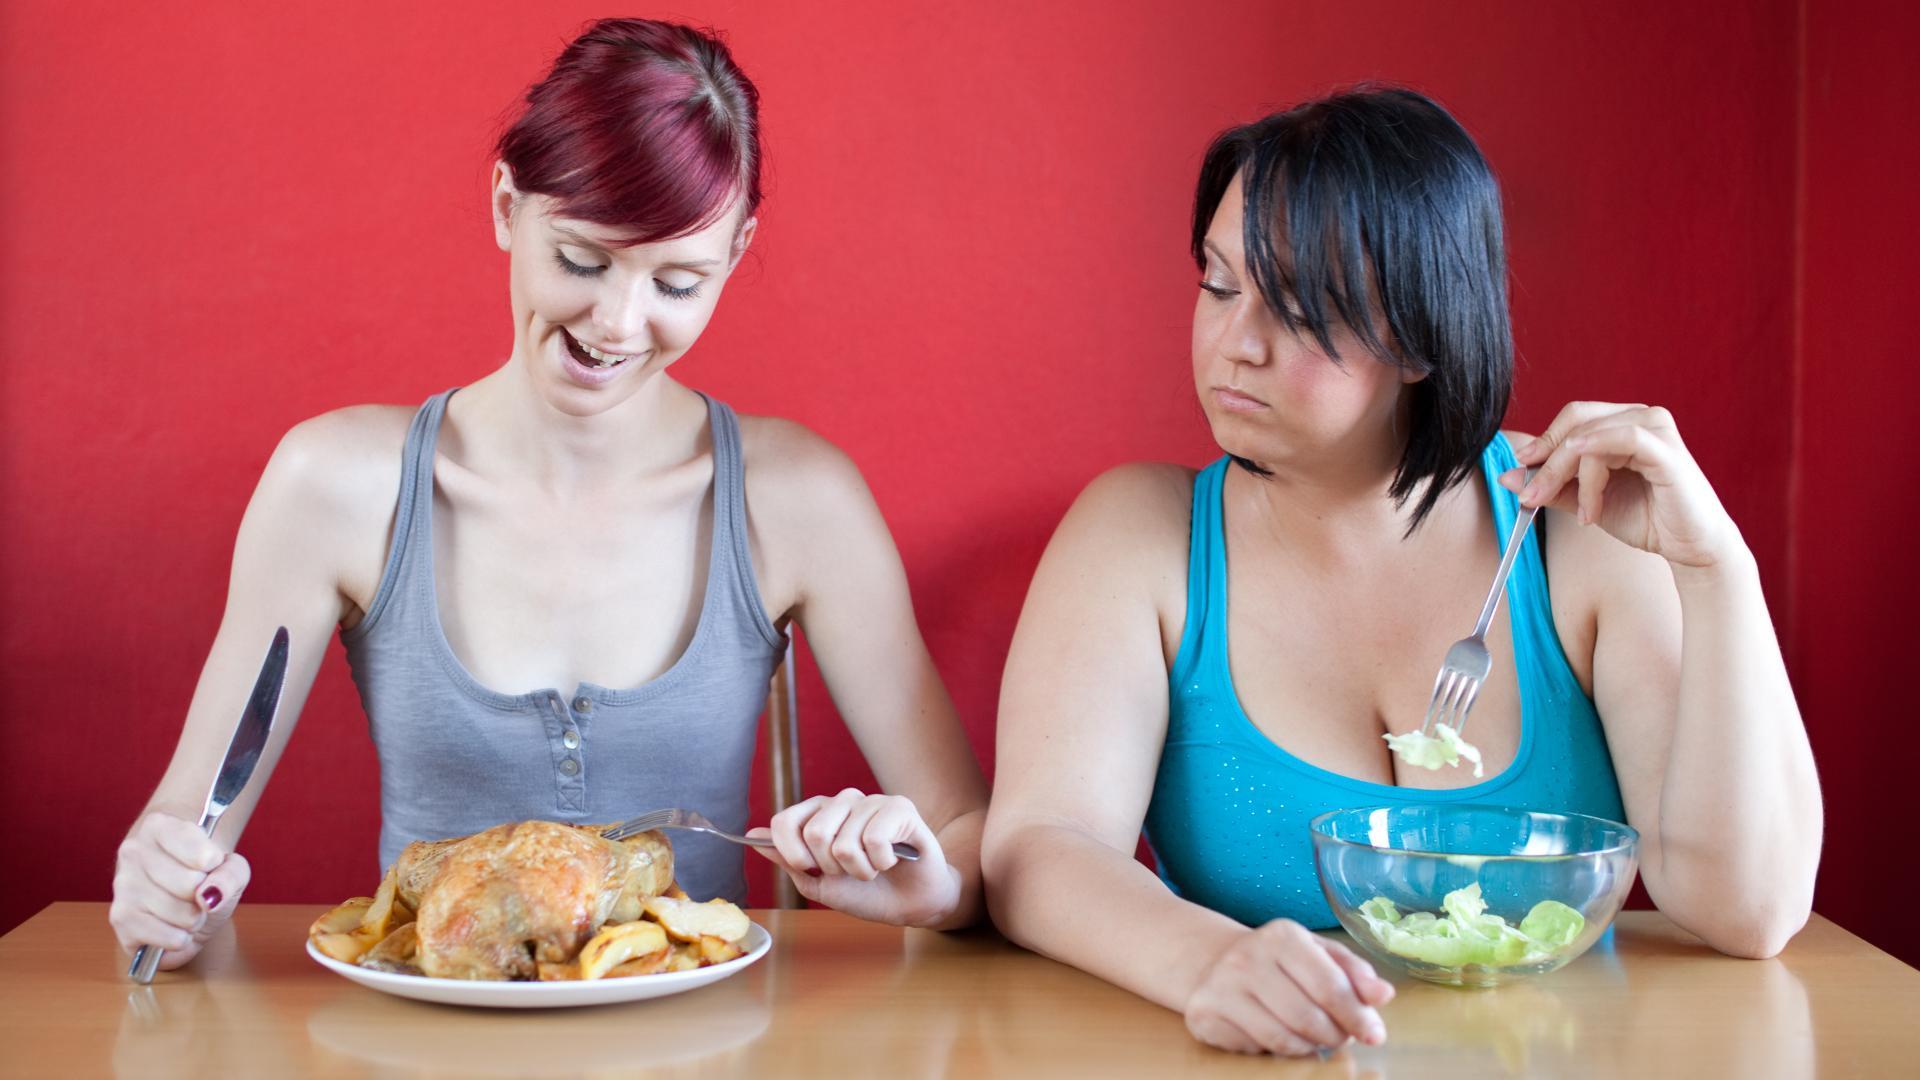 Похудение: почему перестает снижаться вес, несмотря на на строгое